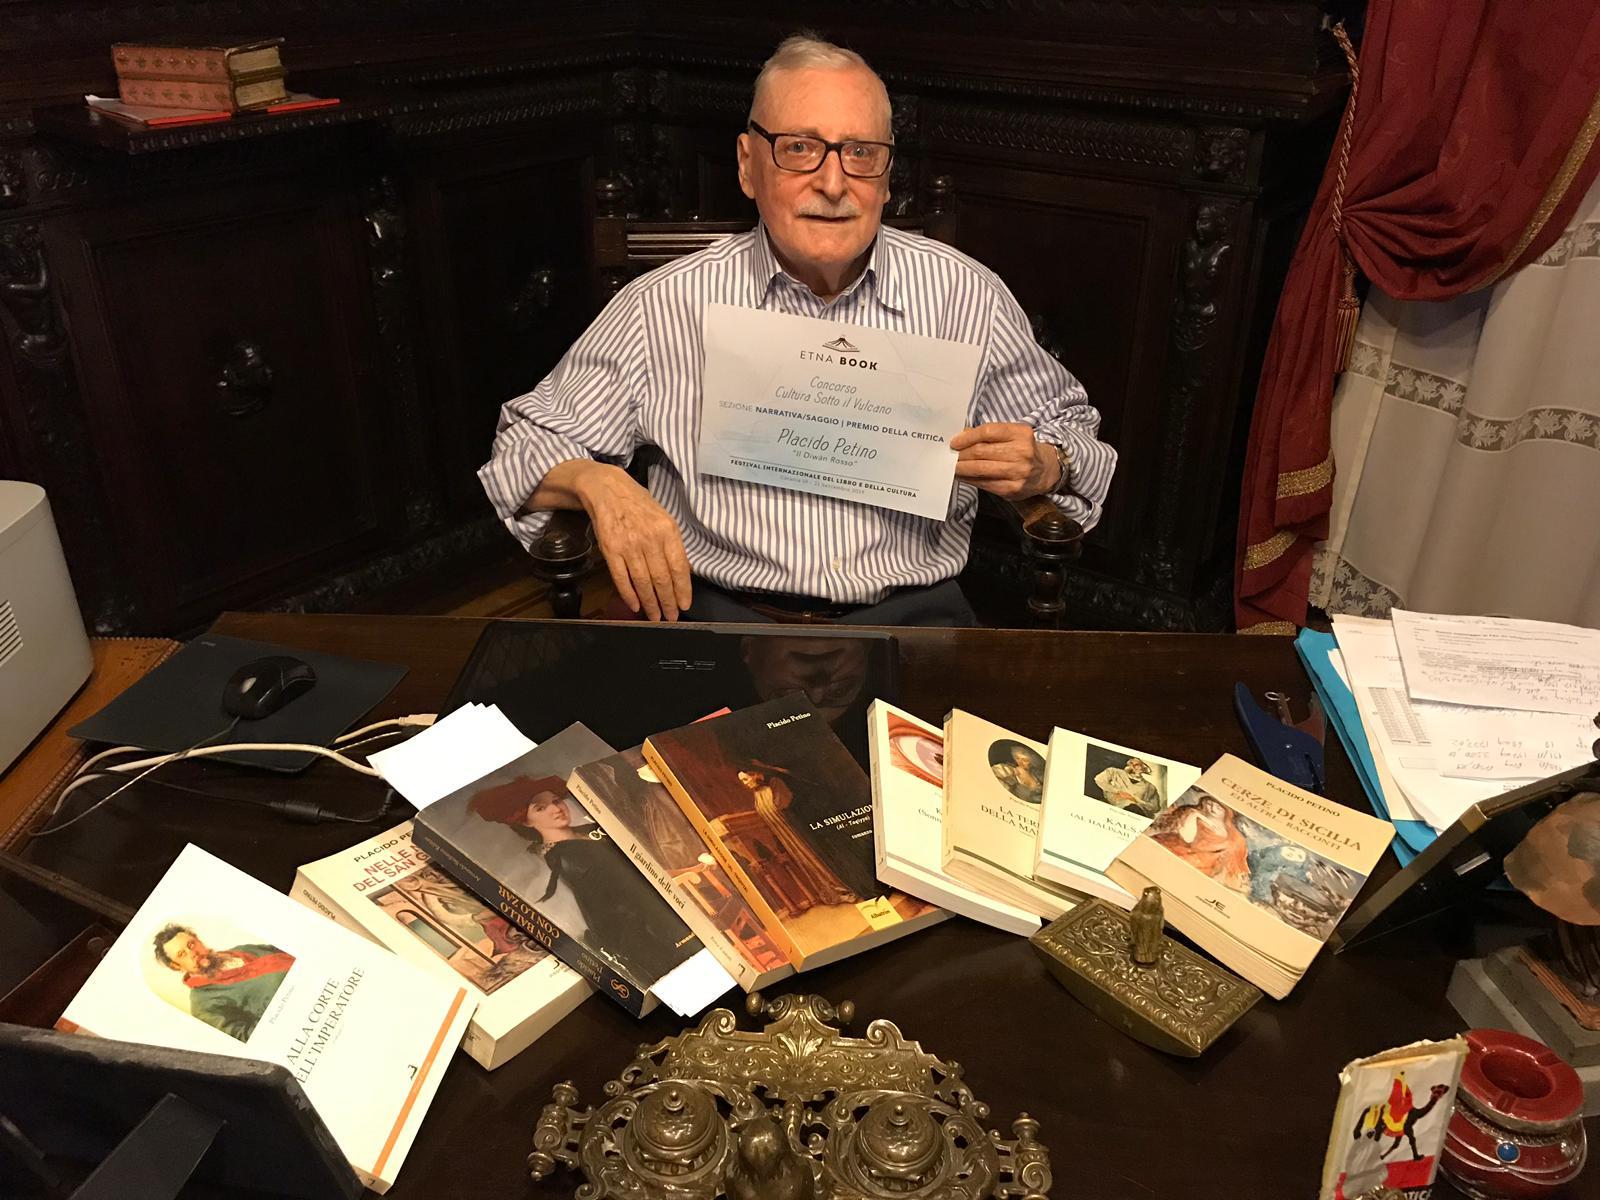 Placido Petino con il premio della critica di Etnabook - Igor photo